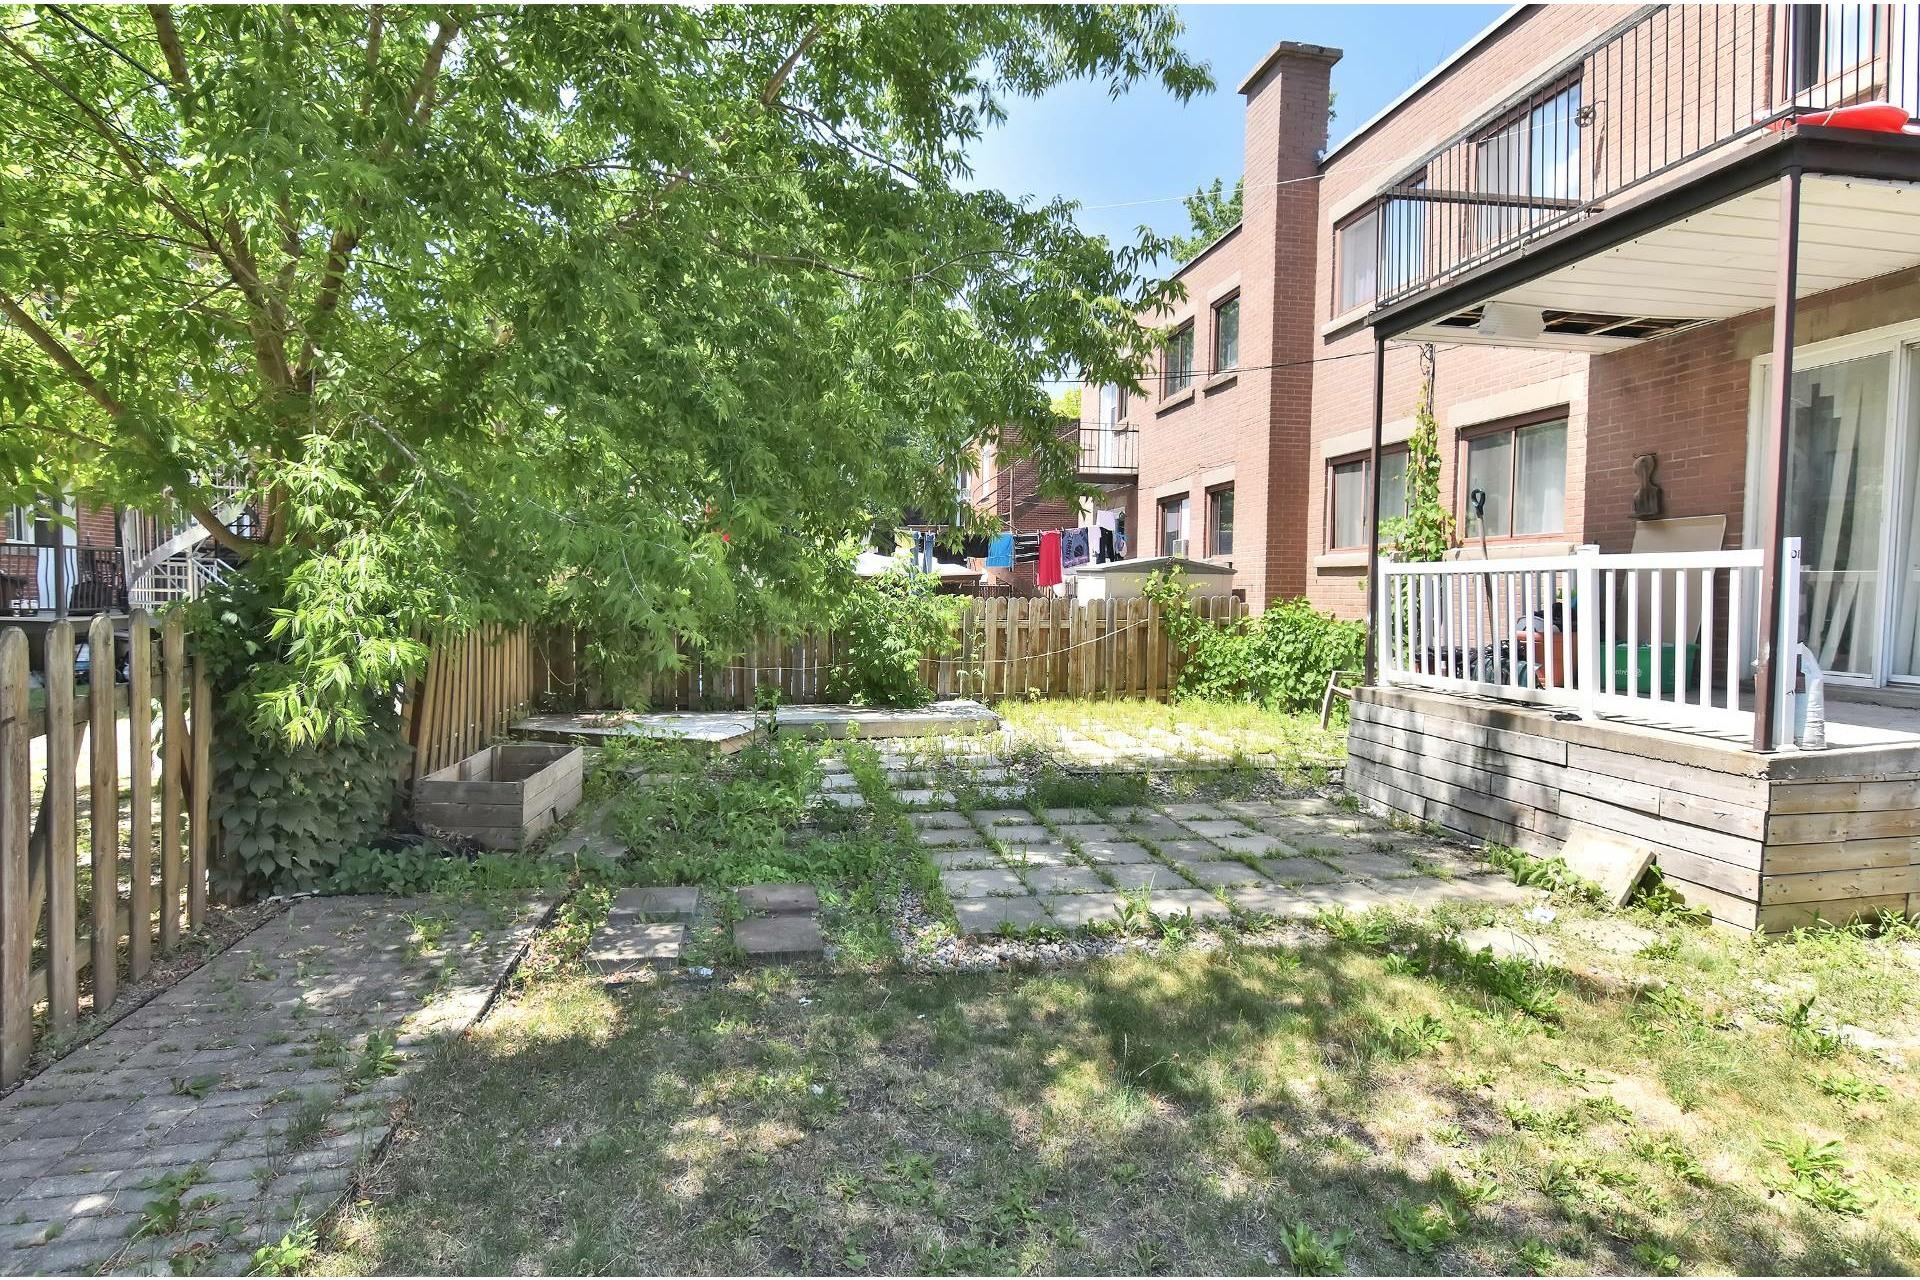 image 22 - Duplex For sale Rivière-des-Prairies/Pointe-aux-Trembles Montréal  - 5 rooms